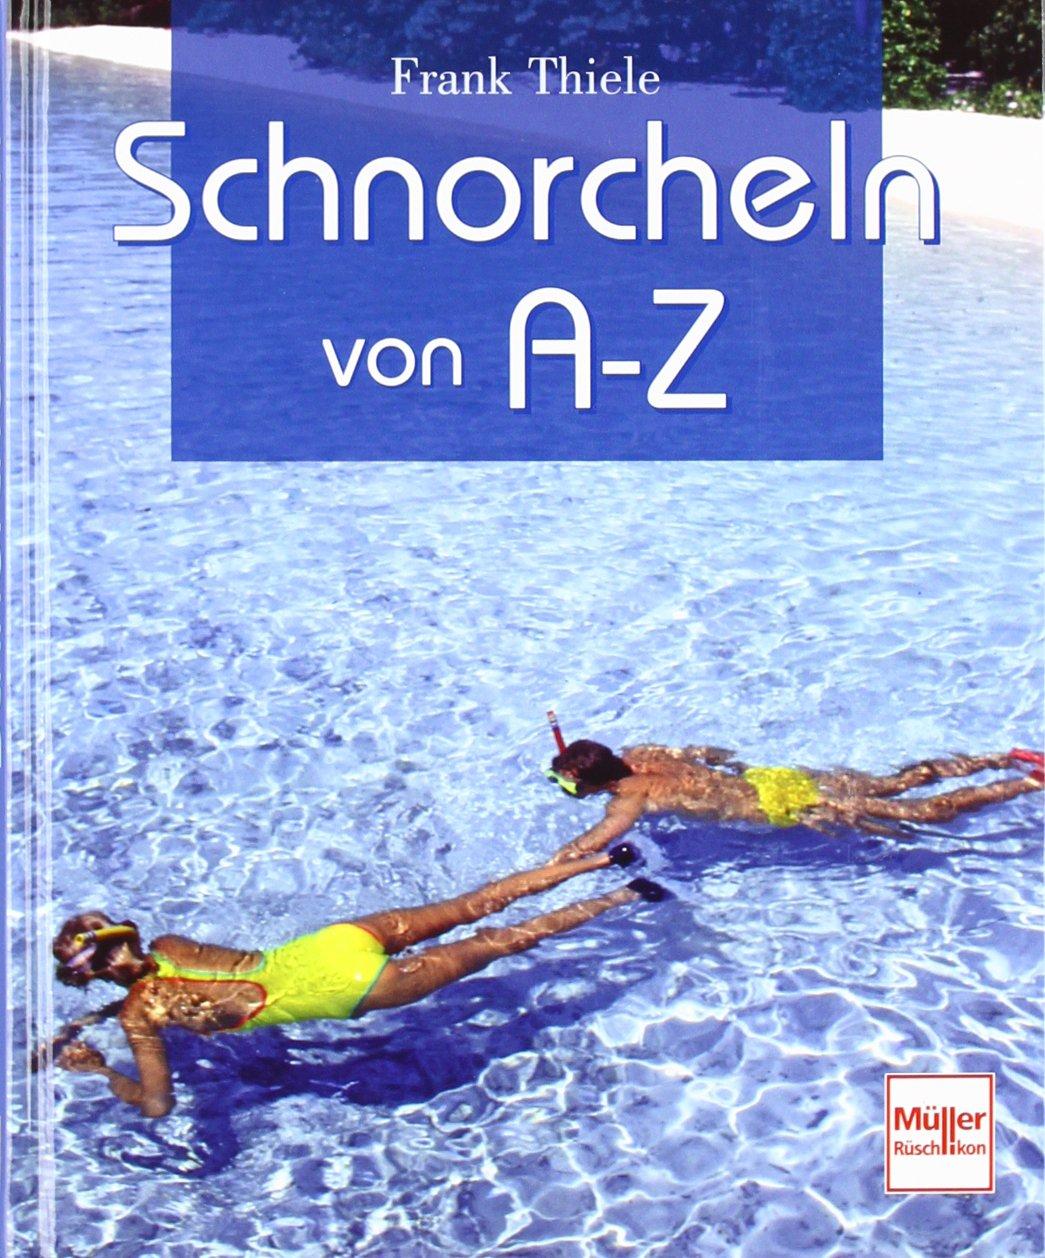 Schnorcheln von A-Z